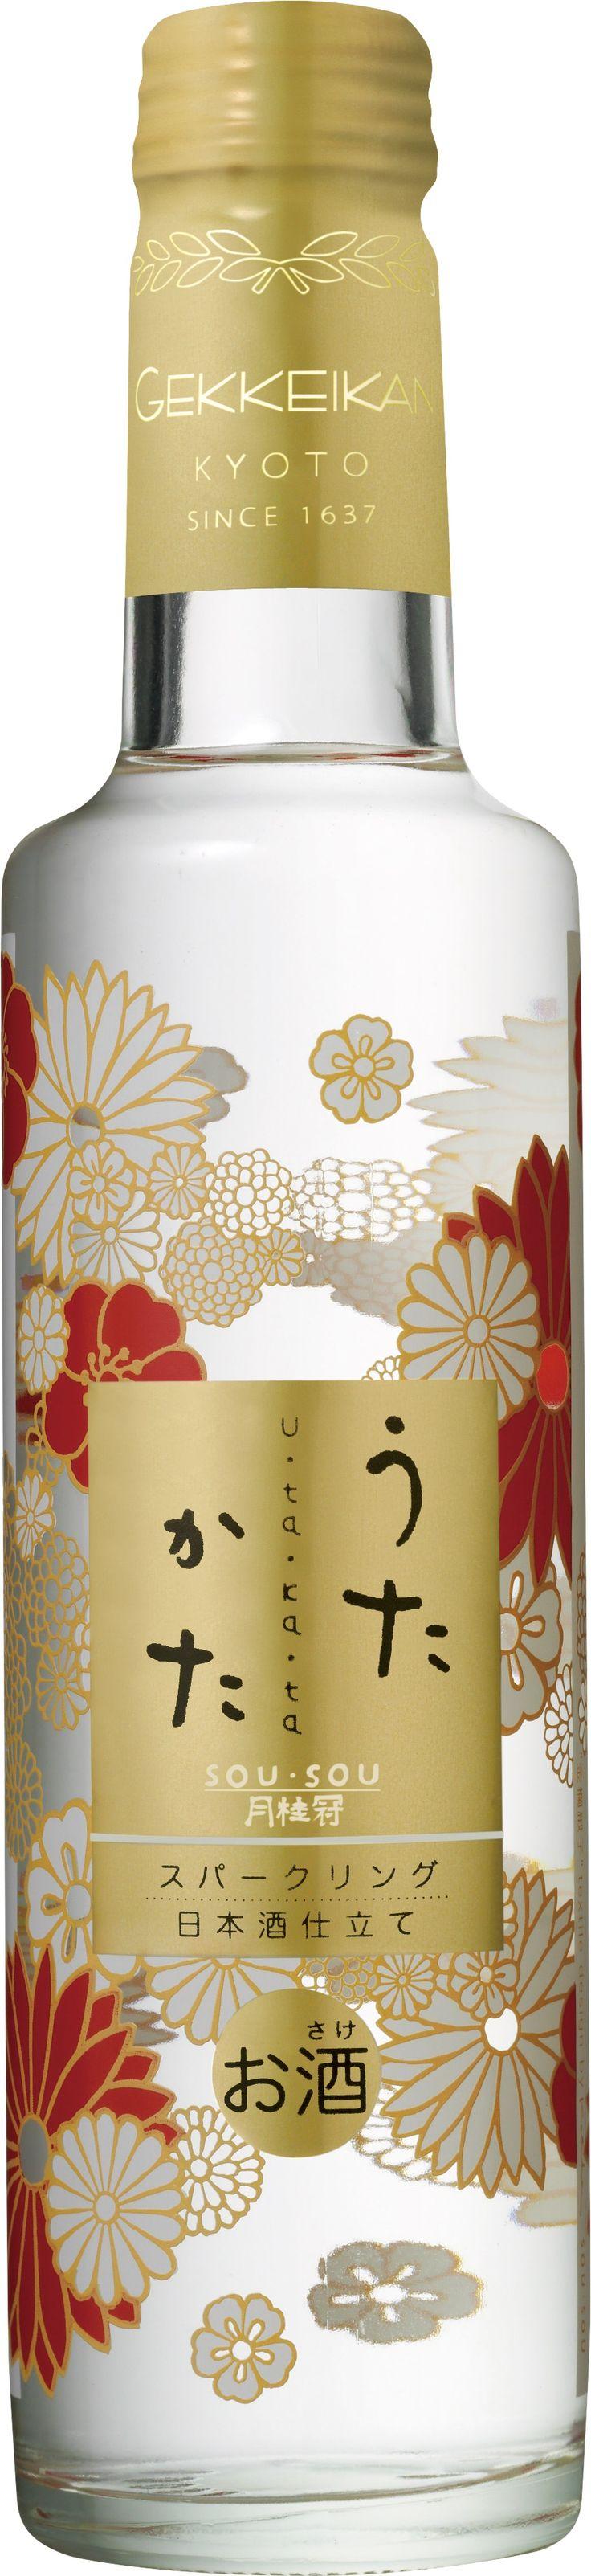 スパークリング日本酒仕立て「うたかた」 http://www.gekkeikan.co.jp/company/news/201409_01.html